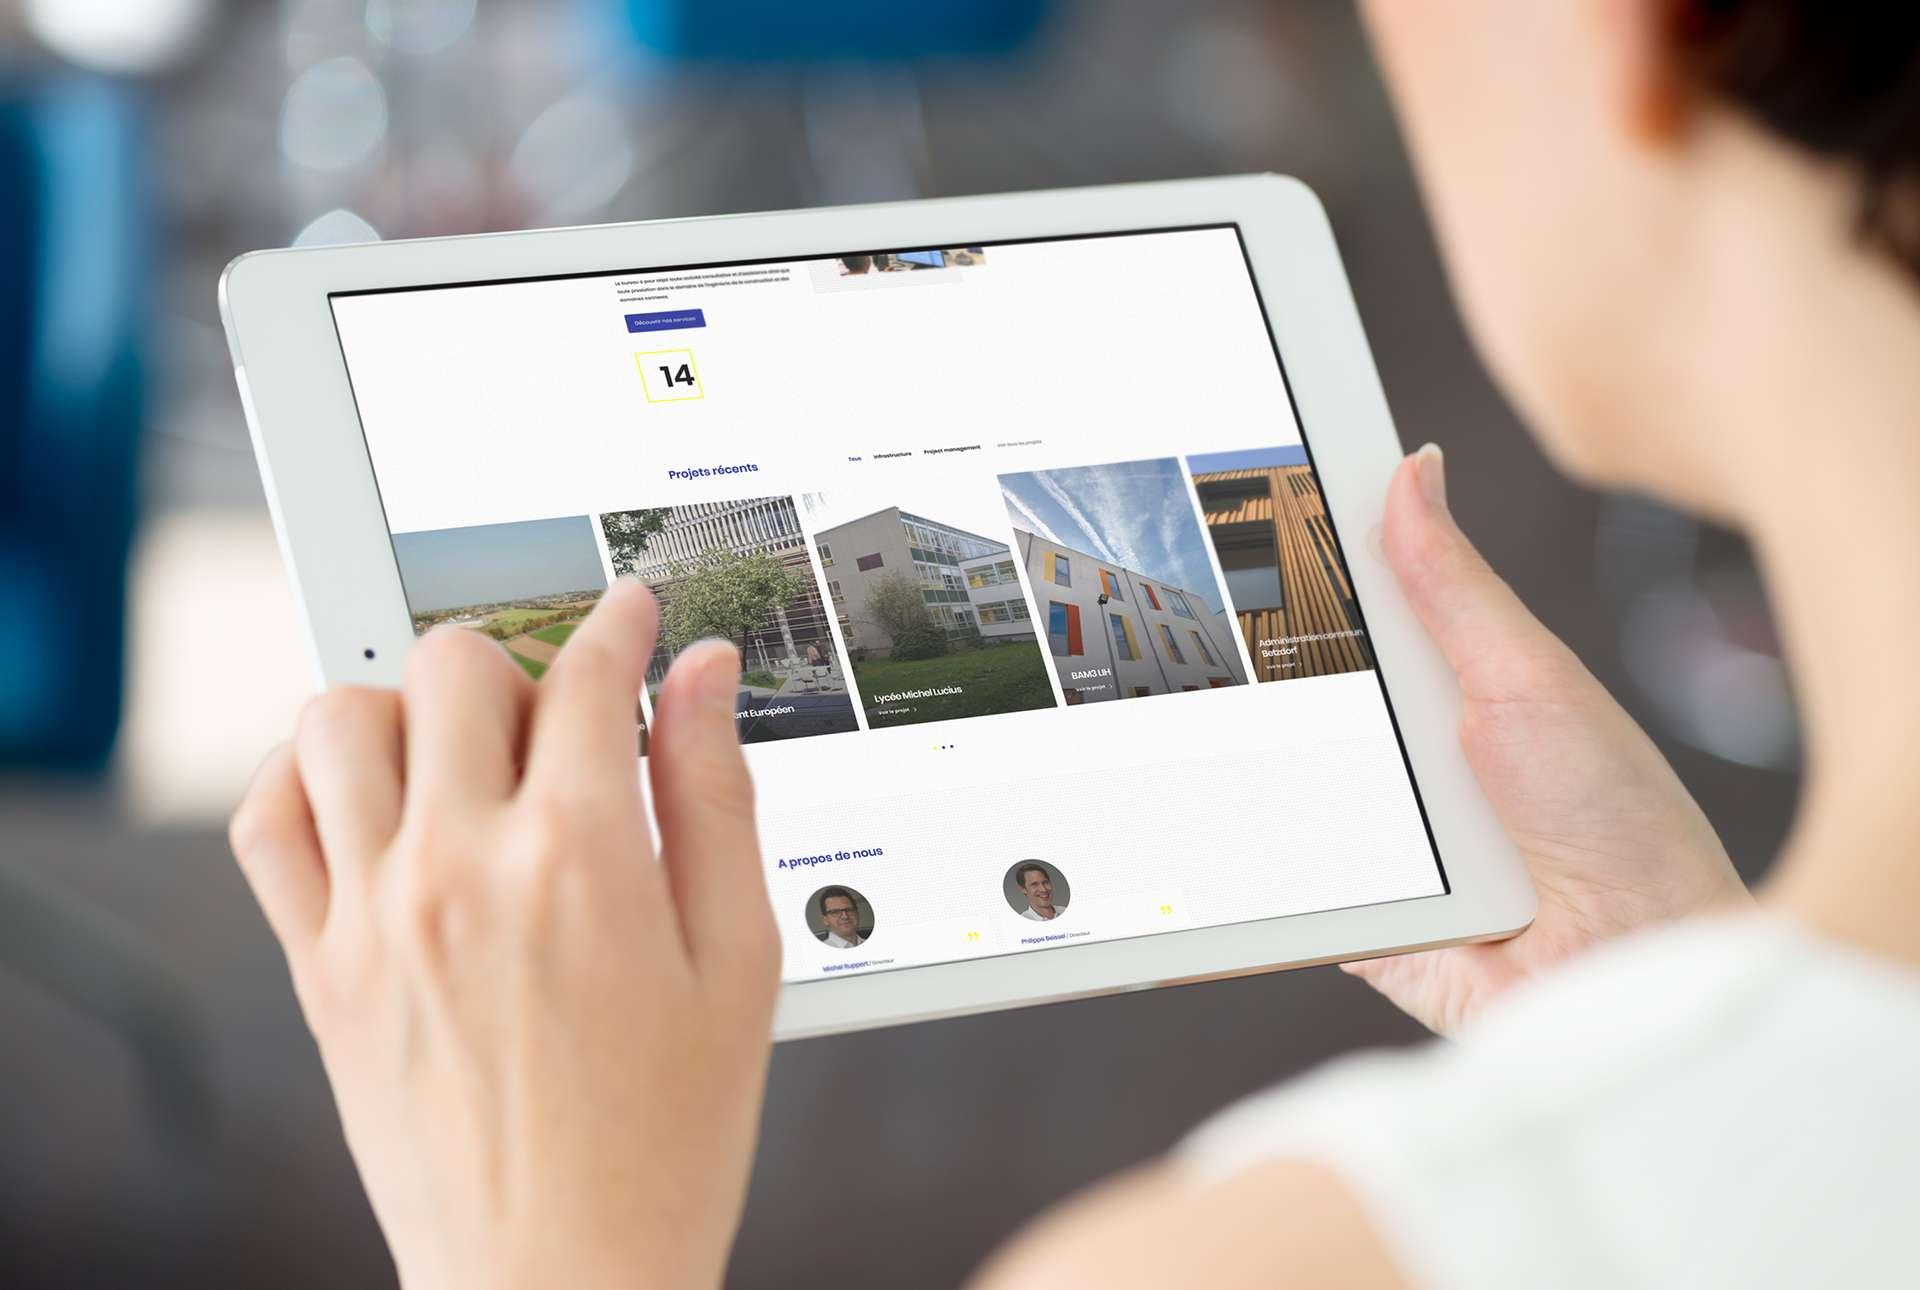 Affichage du site web brec.lu sur tablette